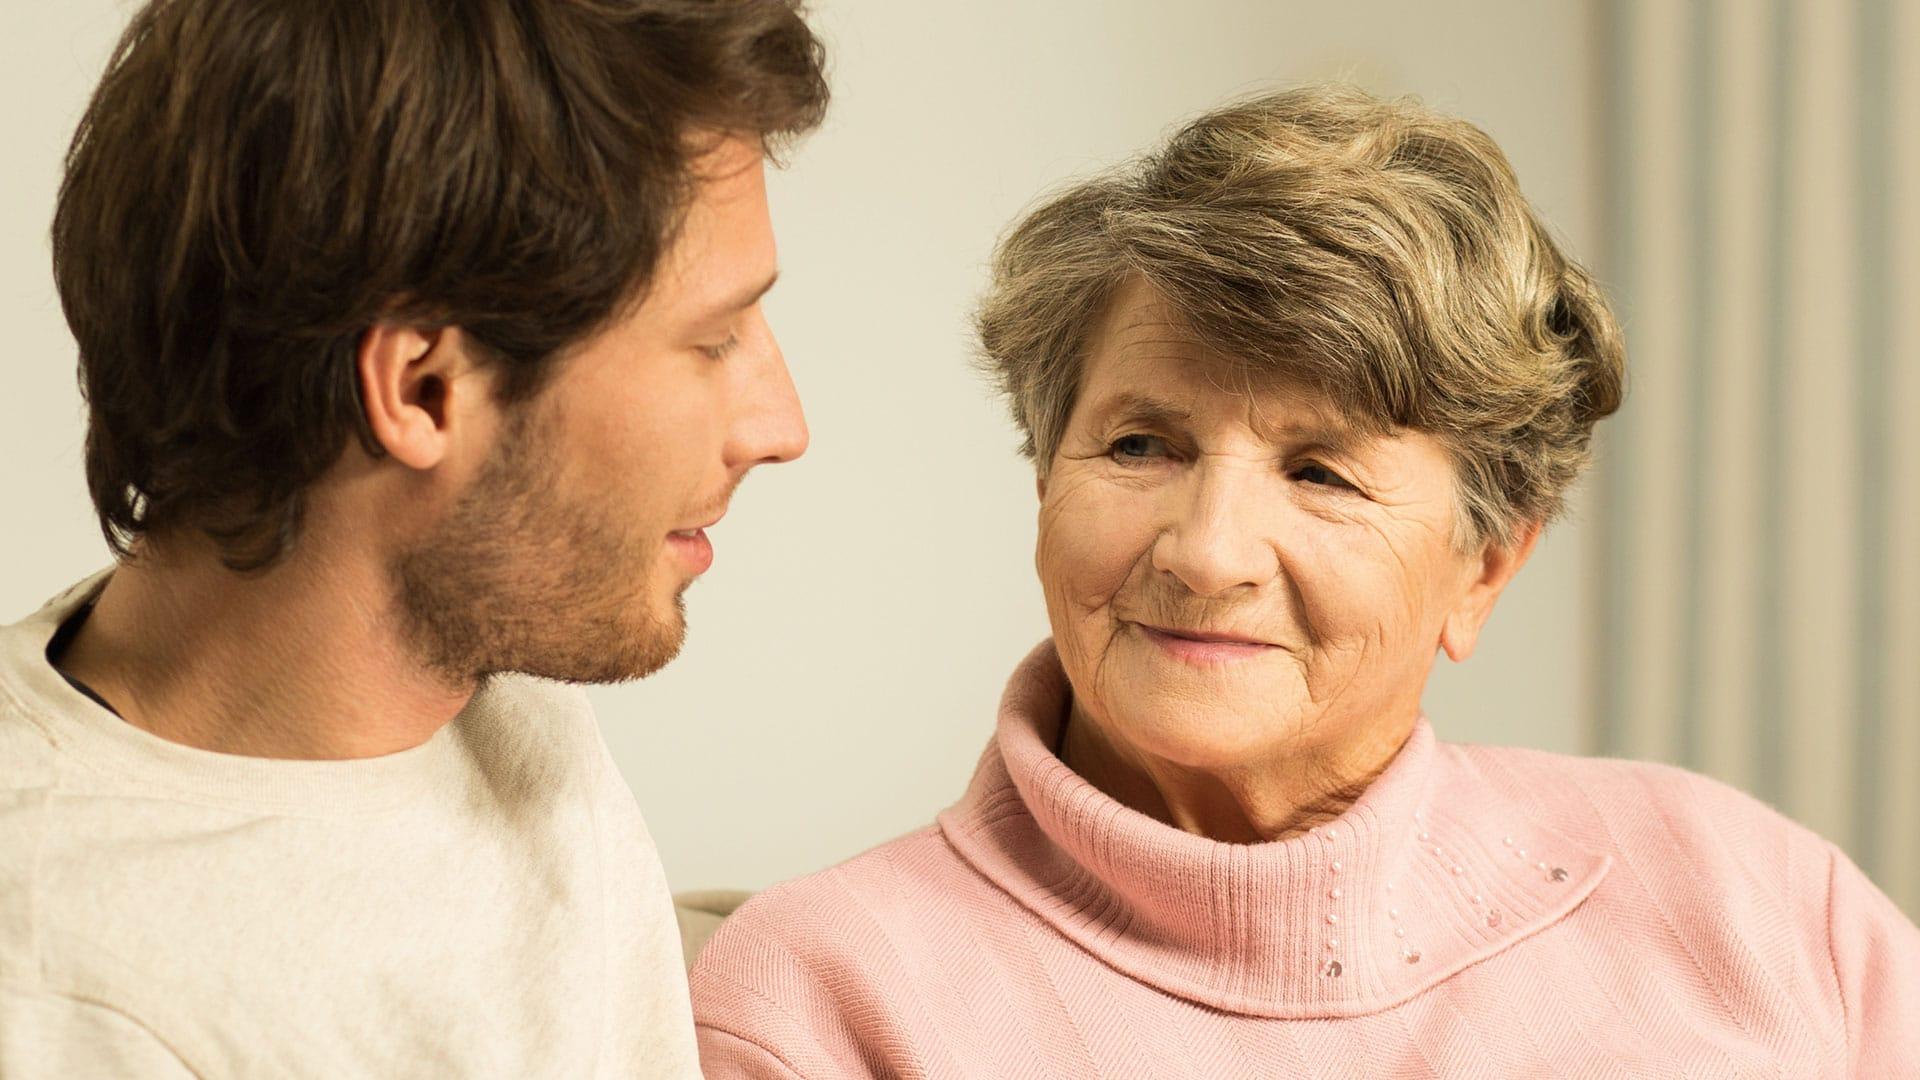 Oudere vrouw en een man kijken naar elkaar lachend oog in oog